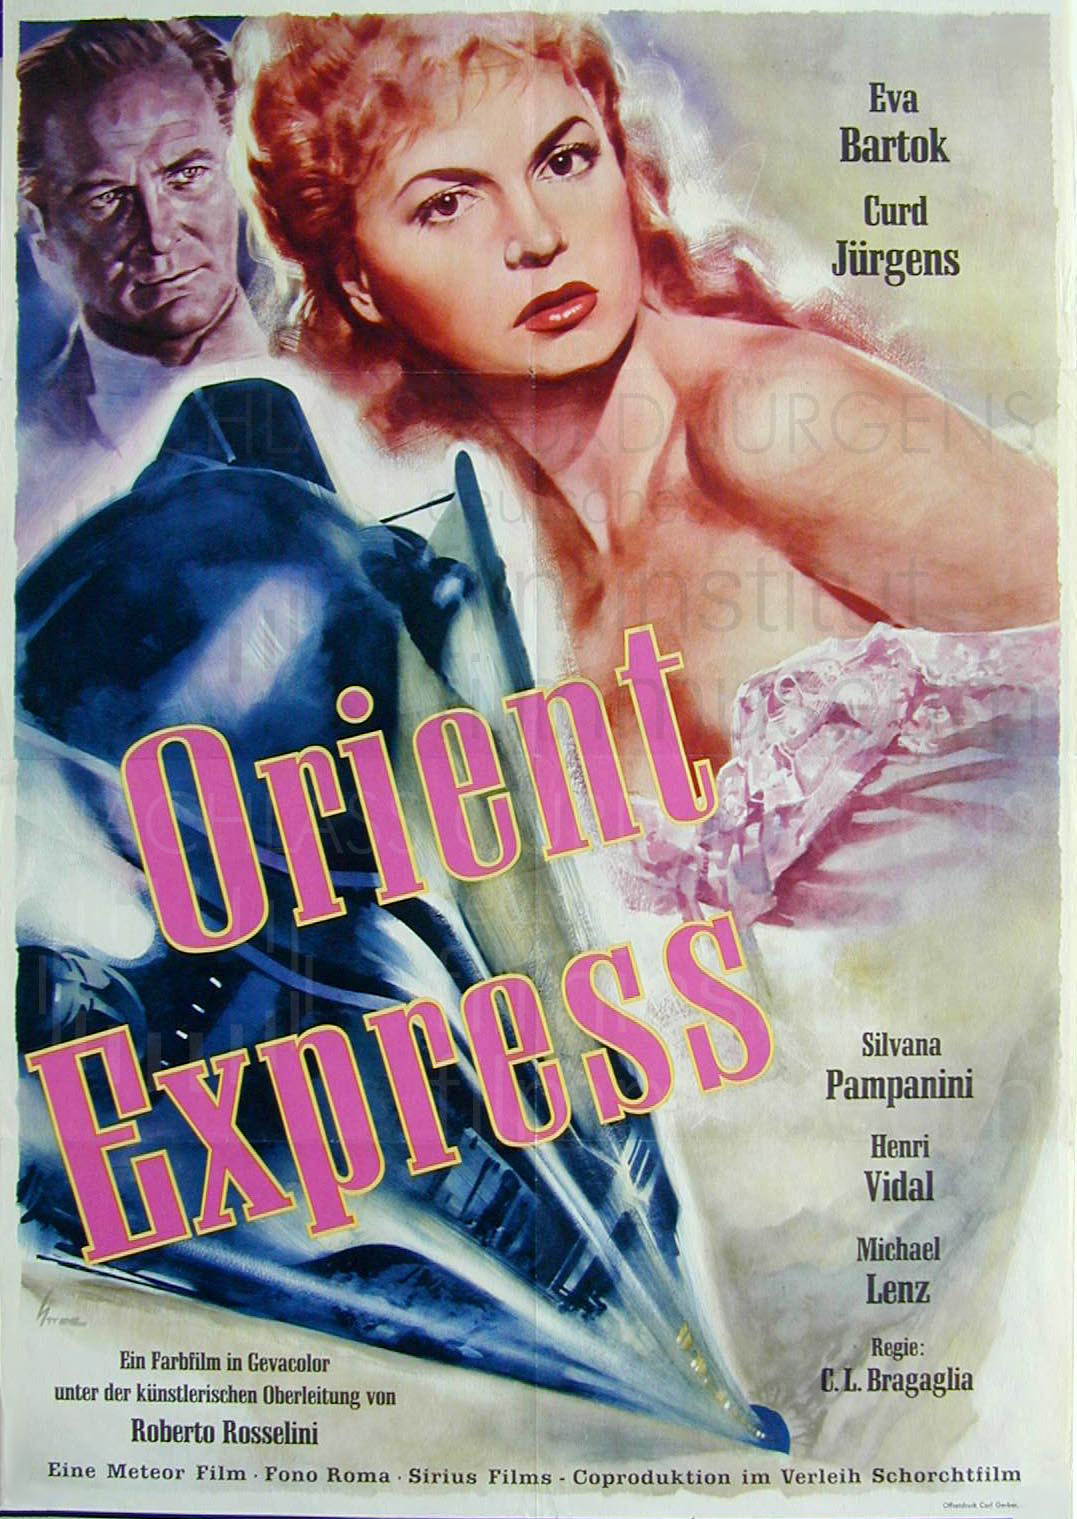 ORIENTEXPRESS (1954)